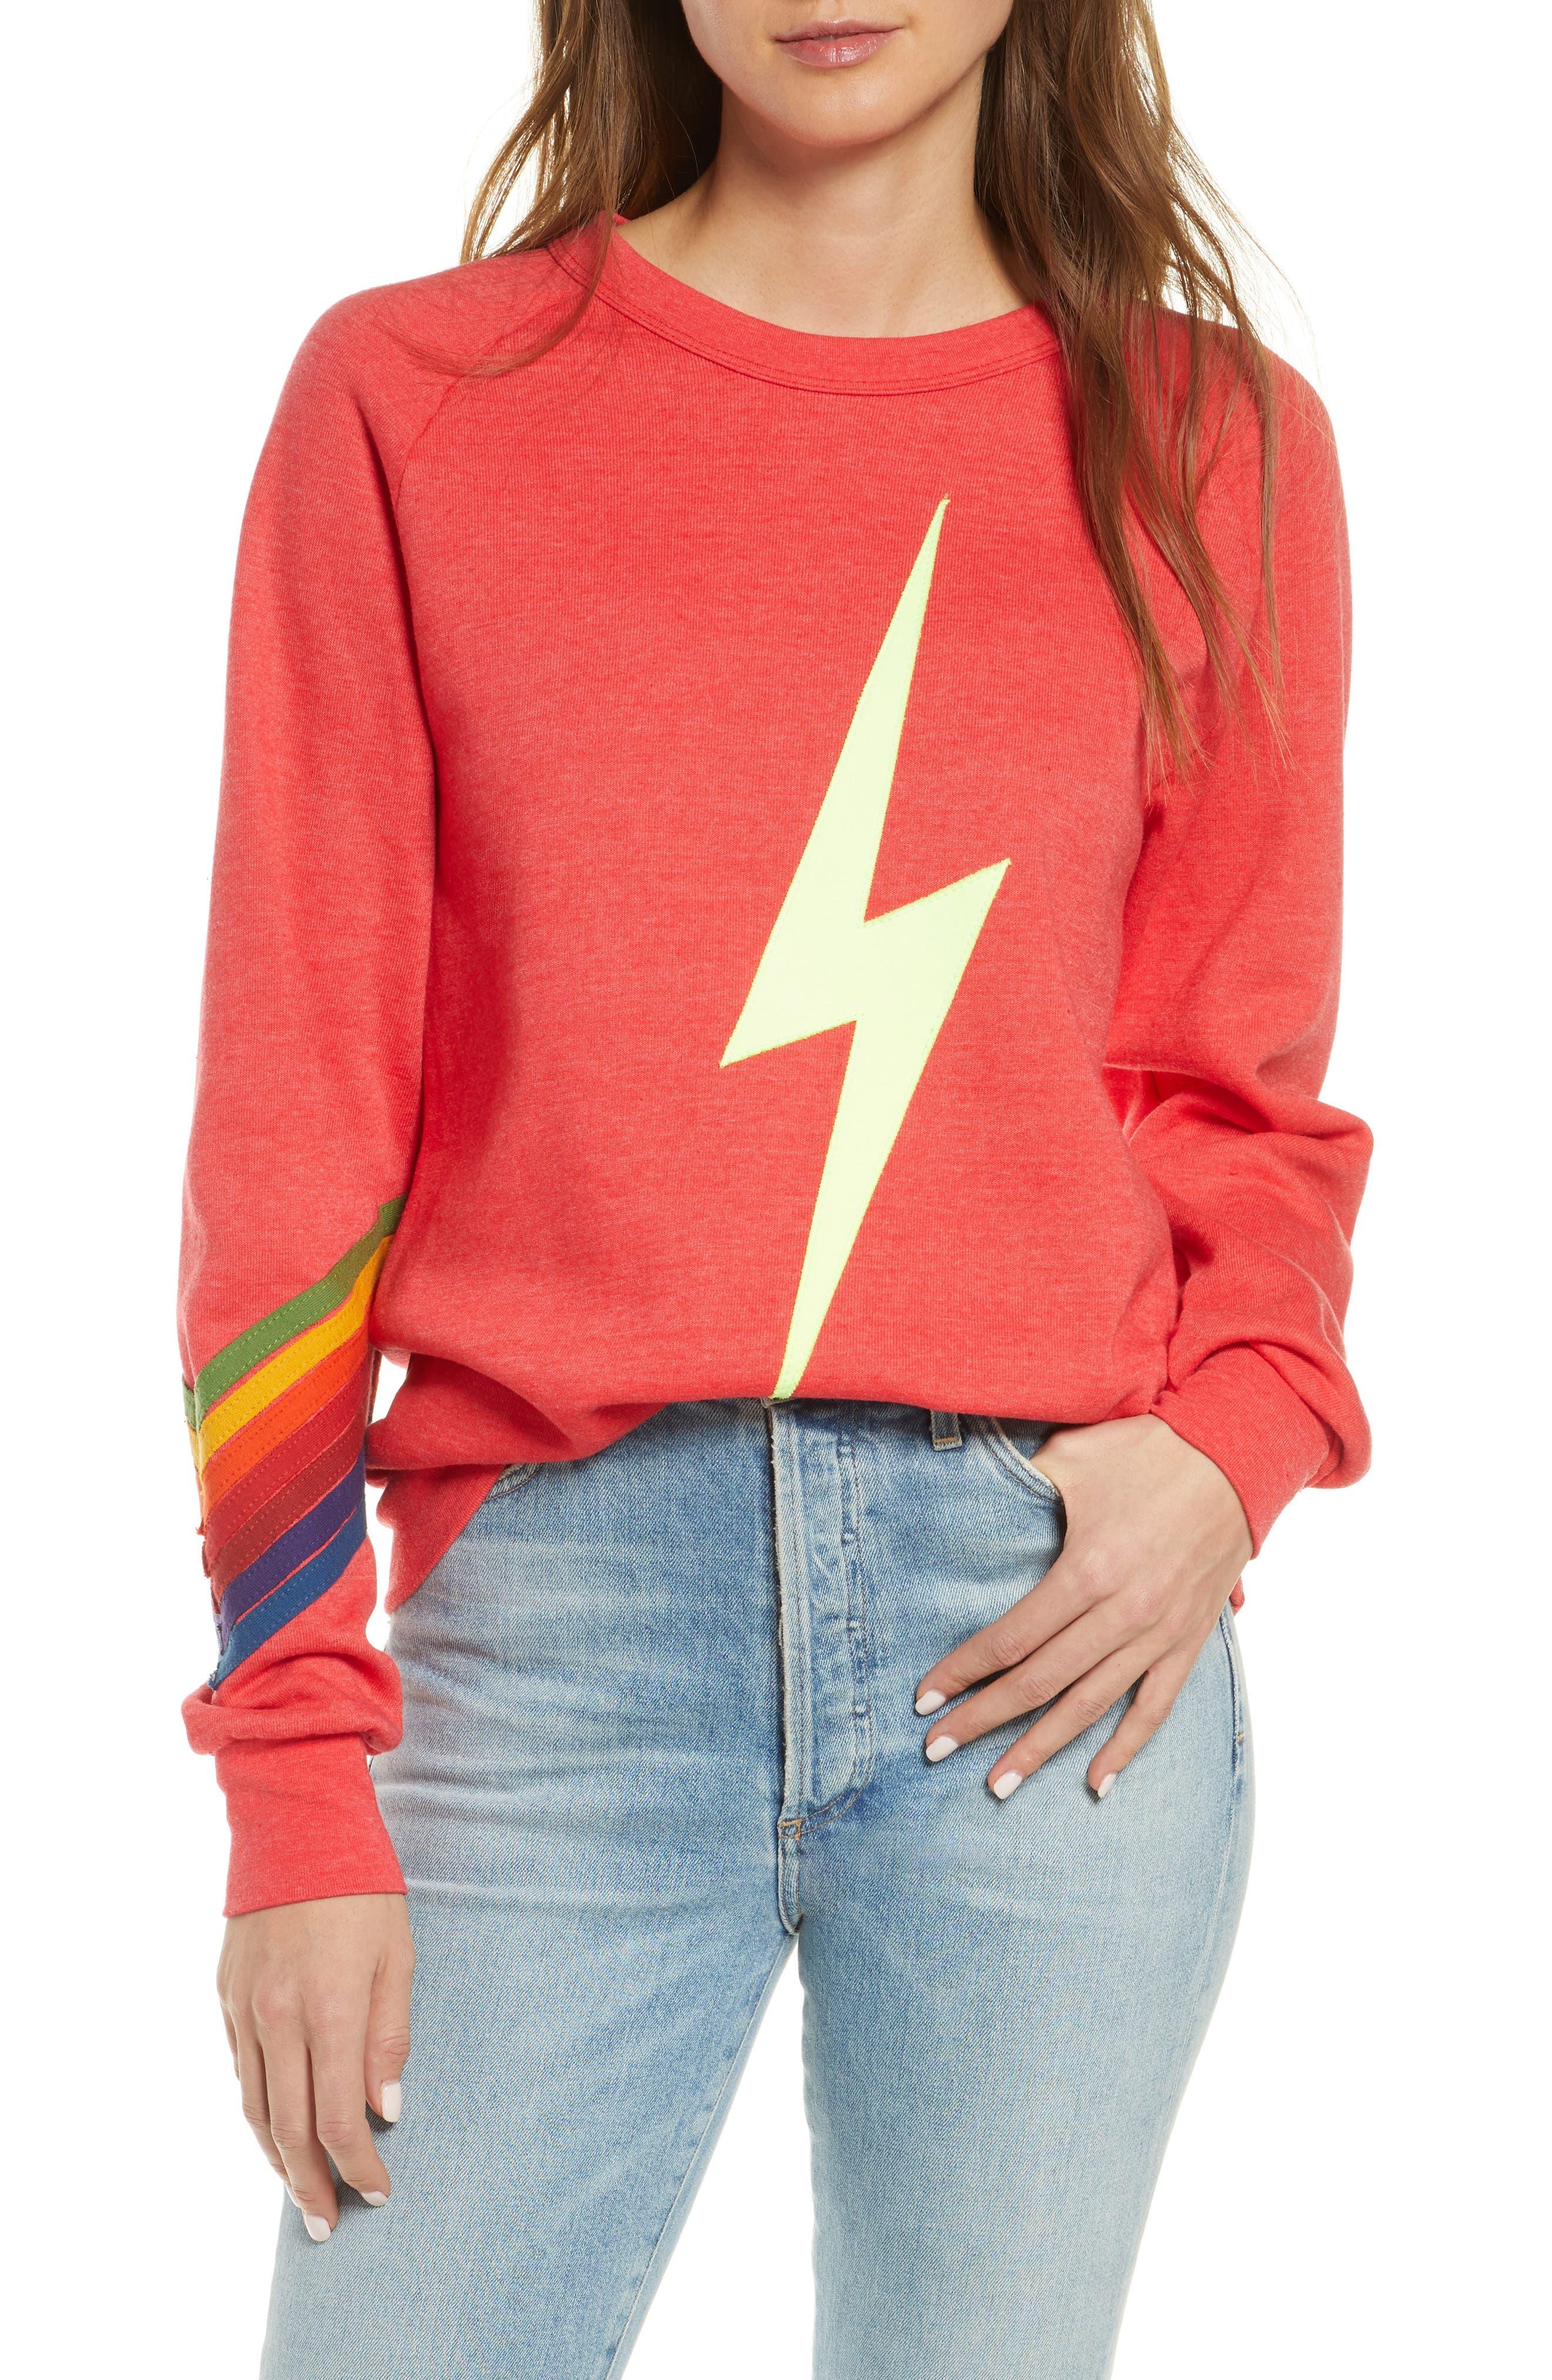 3 Lightning Bolt Women/'s Crew Neck